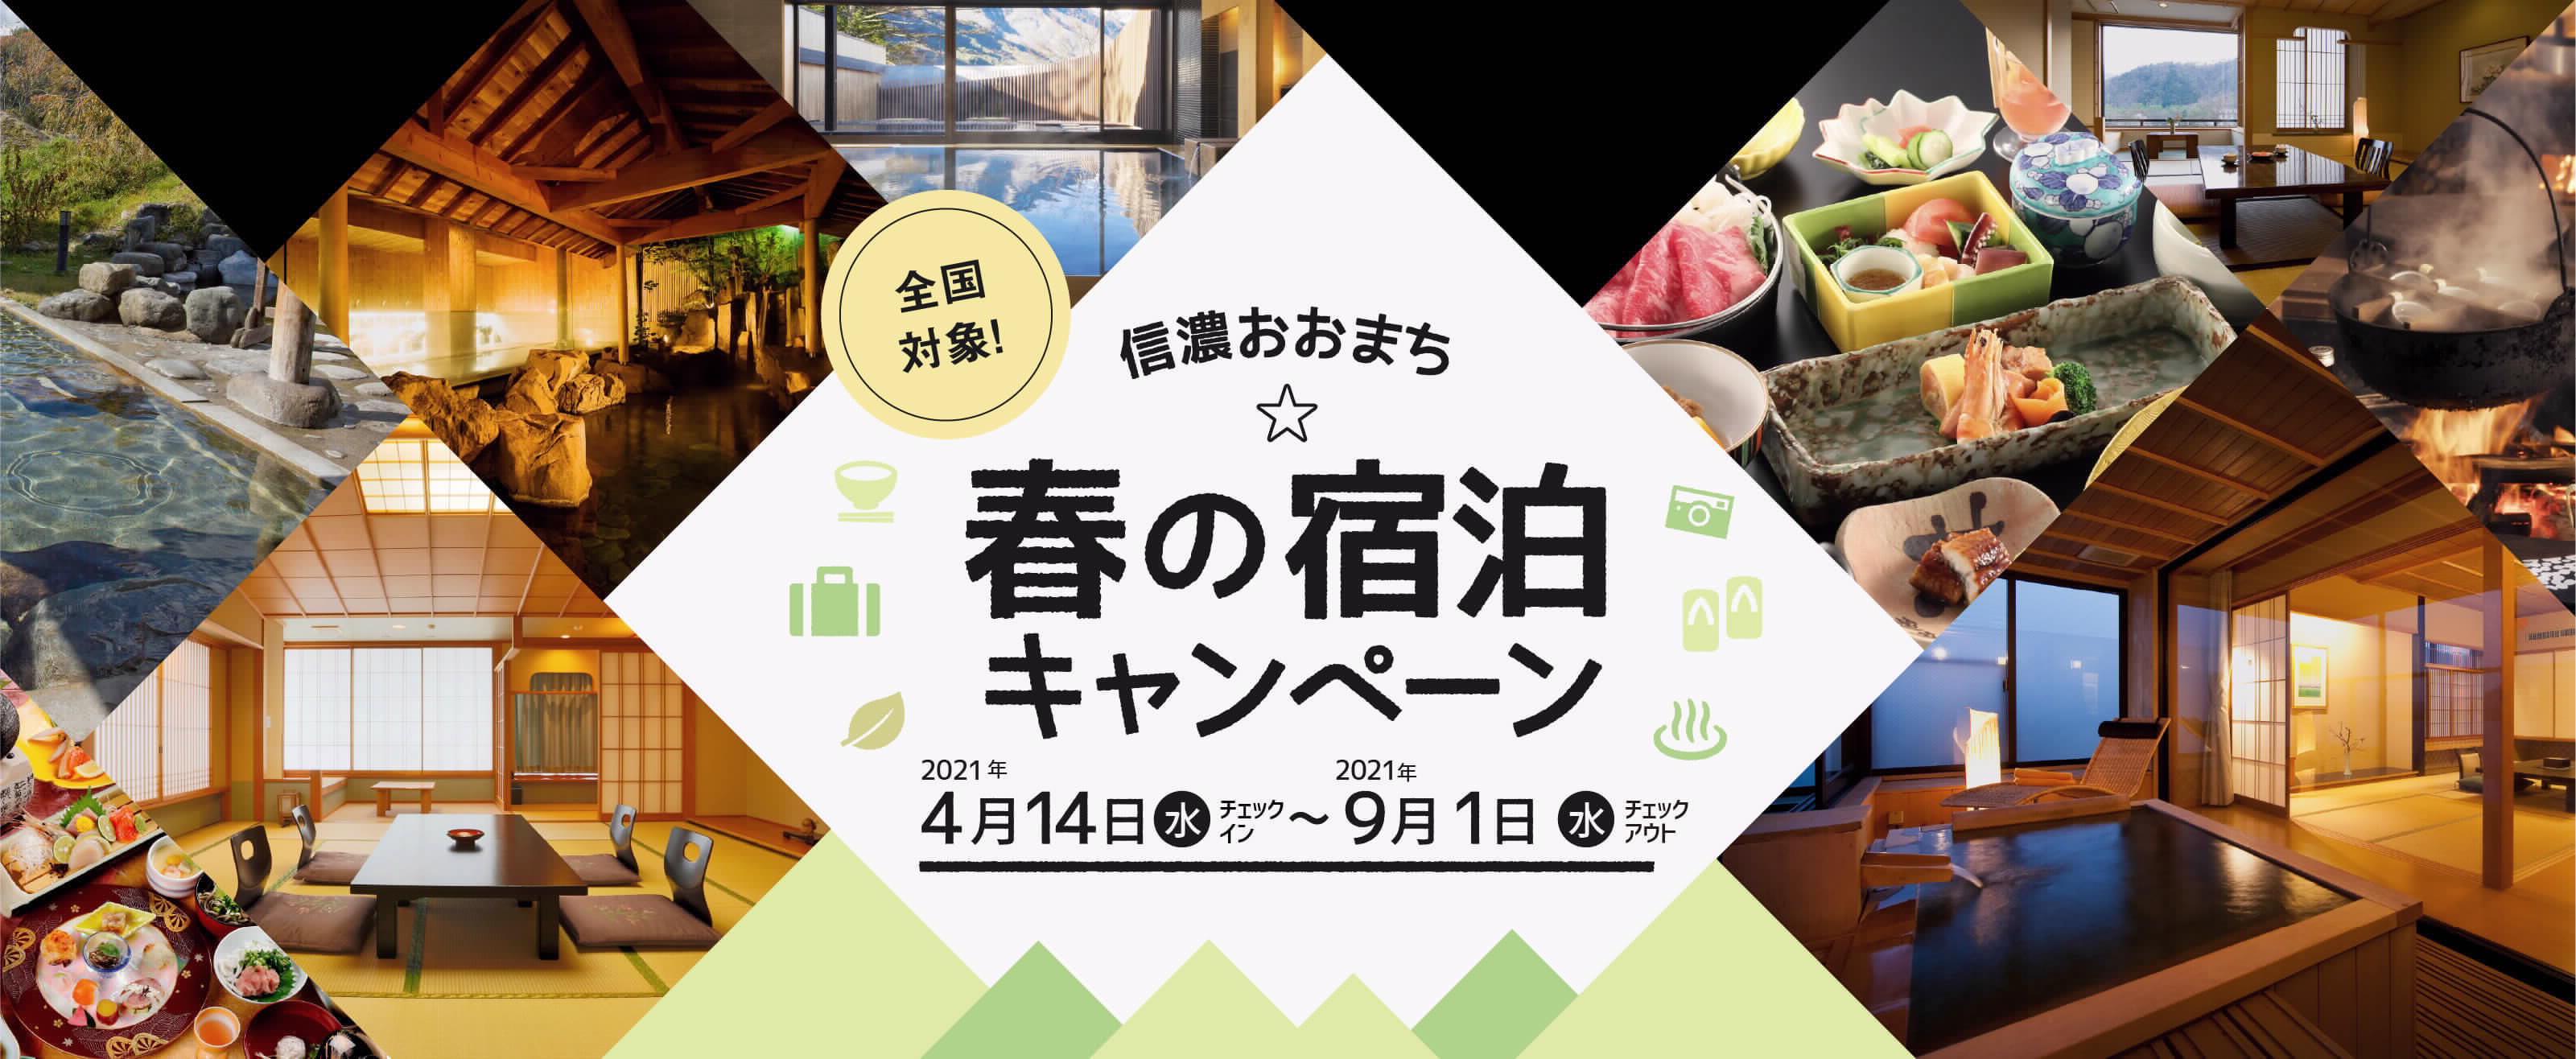 信濃おおまち春の宿泊キャンペーン